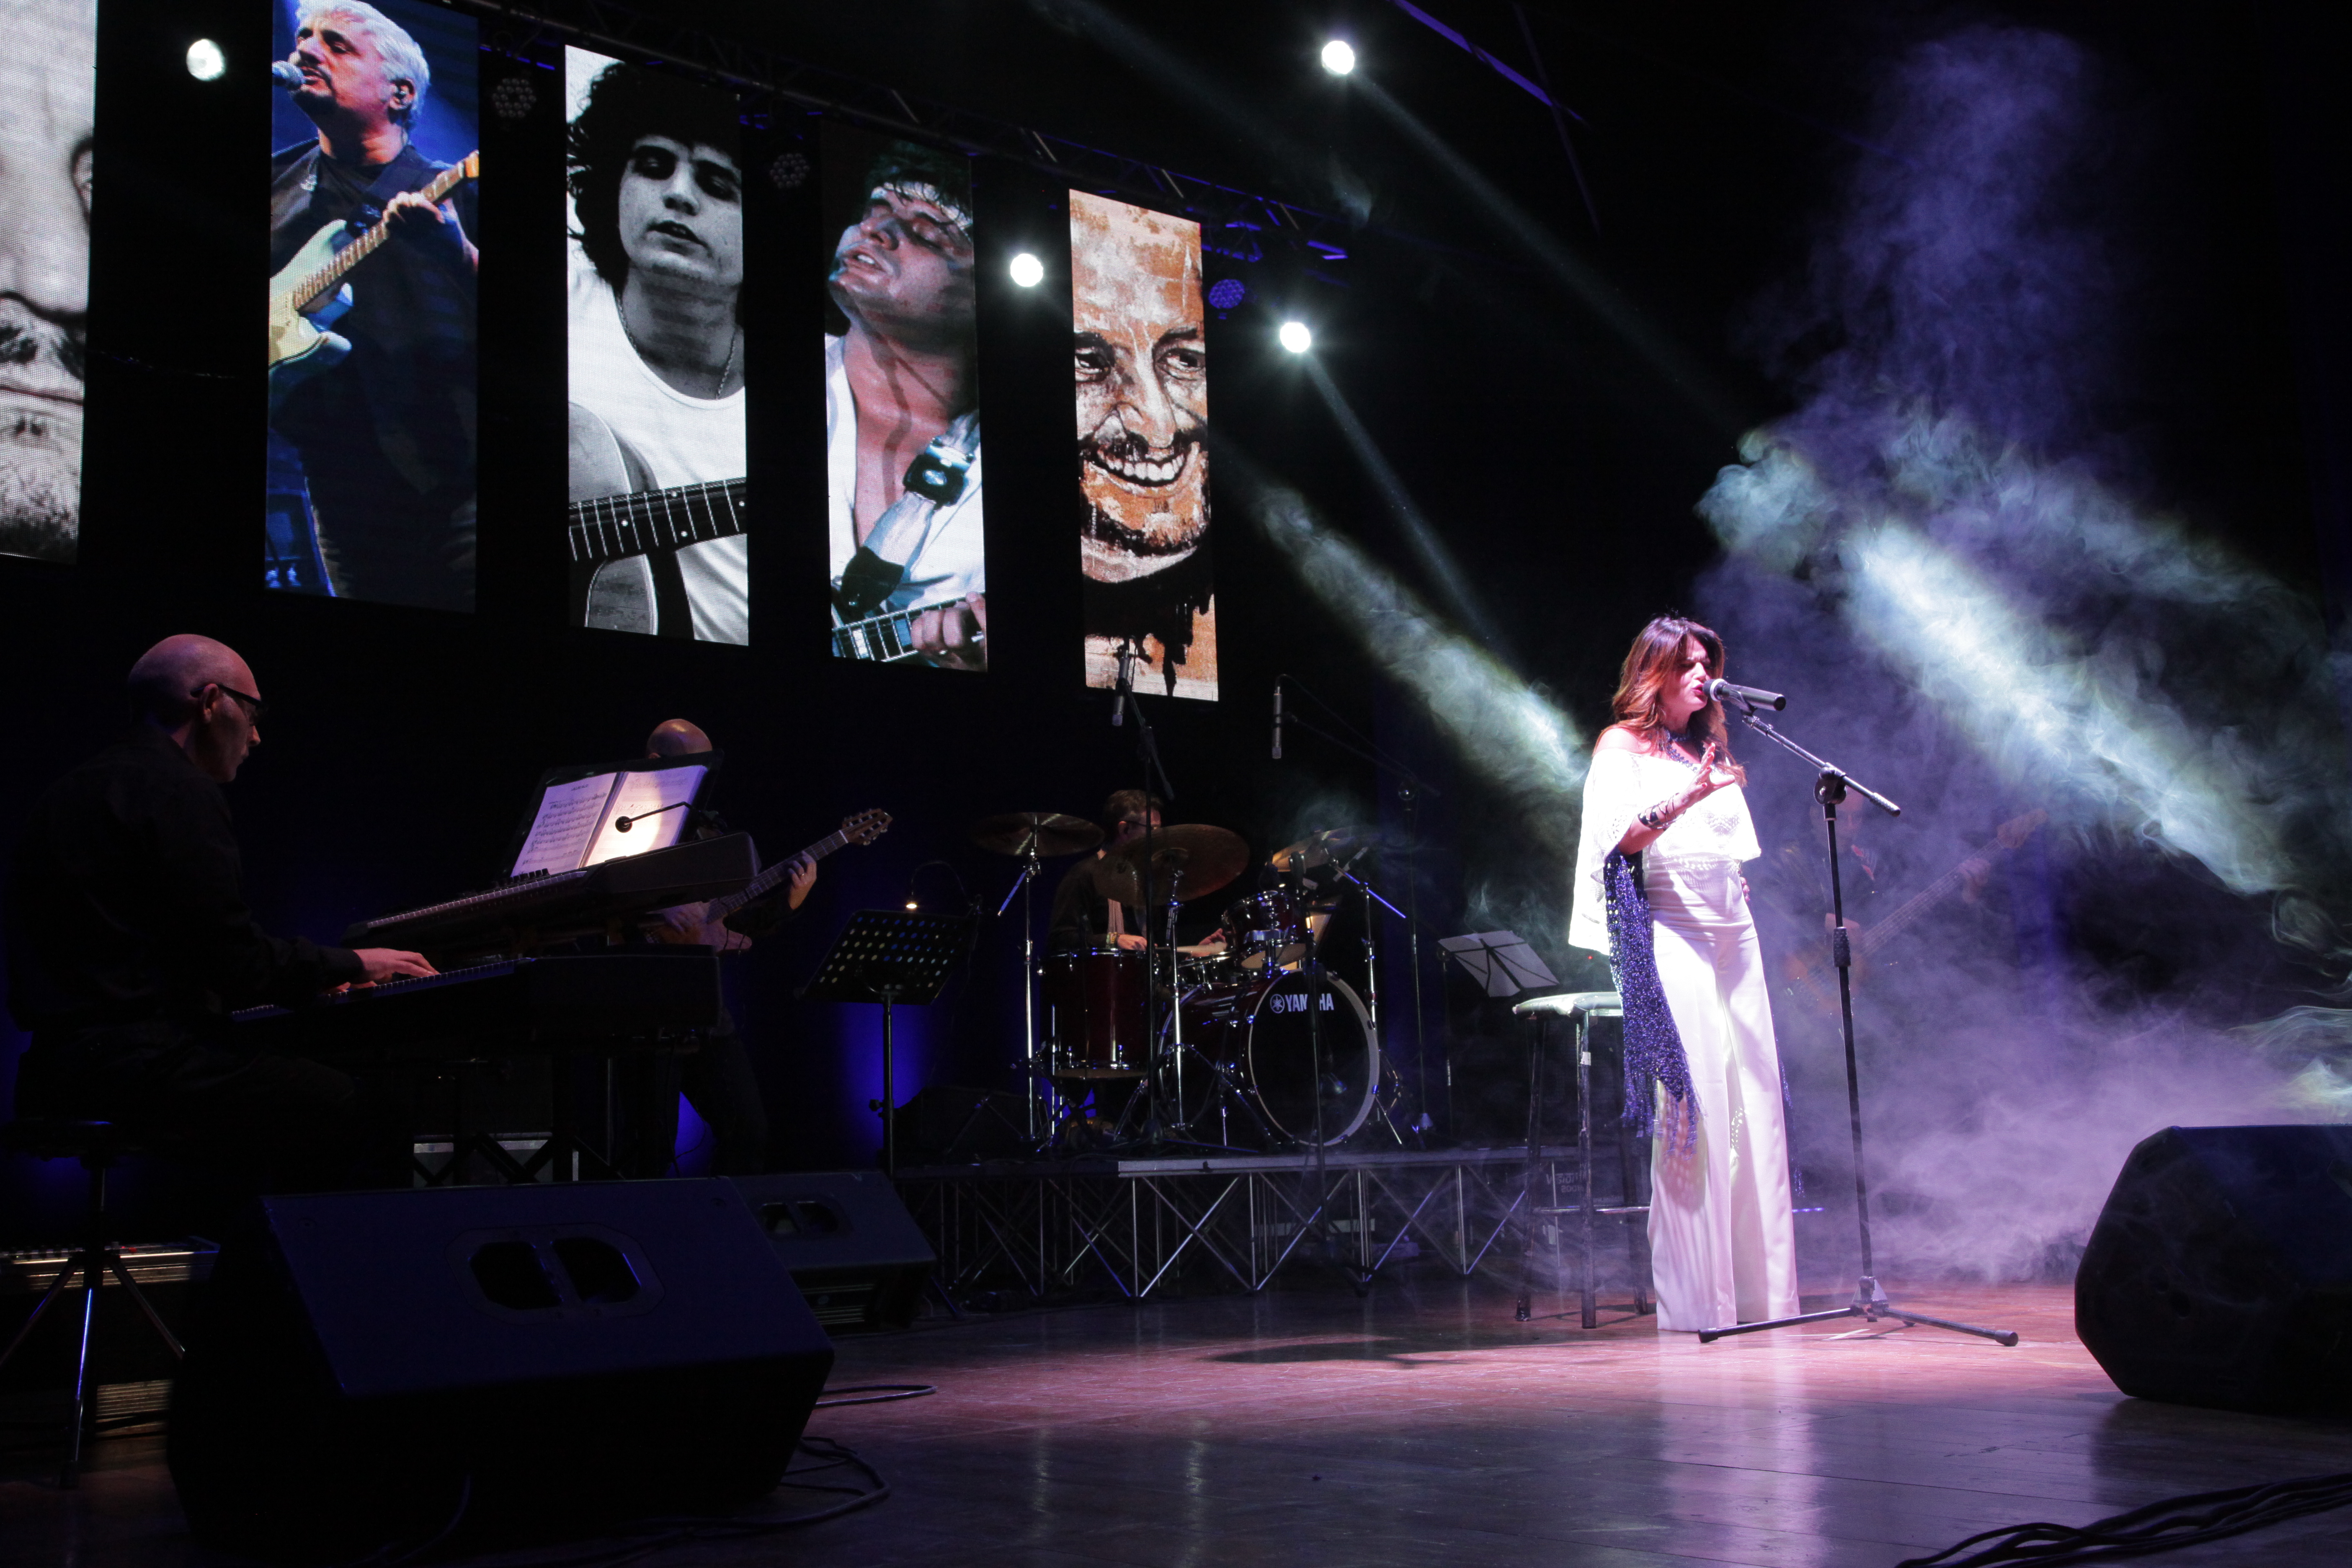 foto dello show